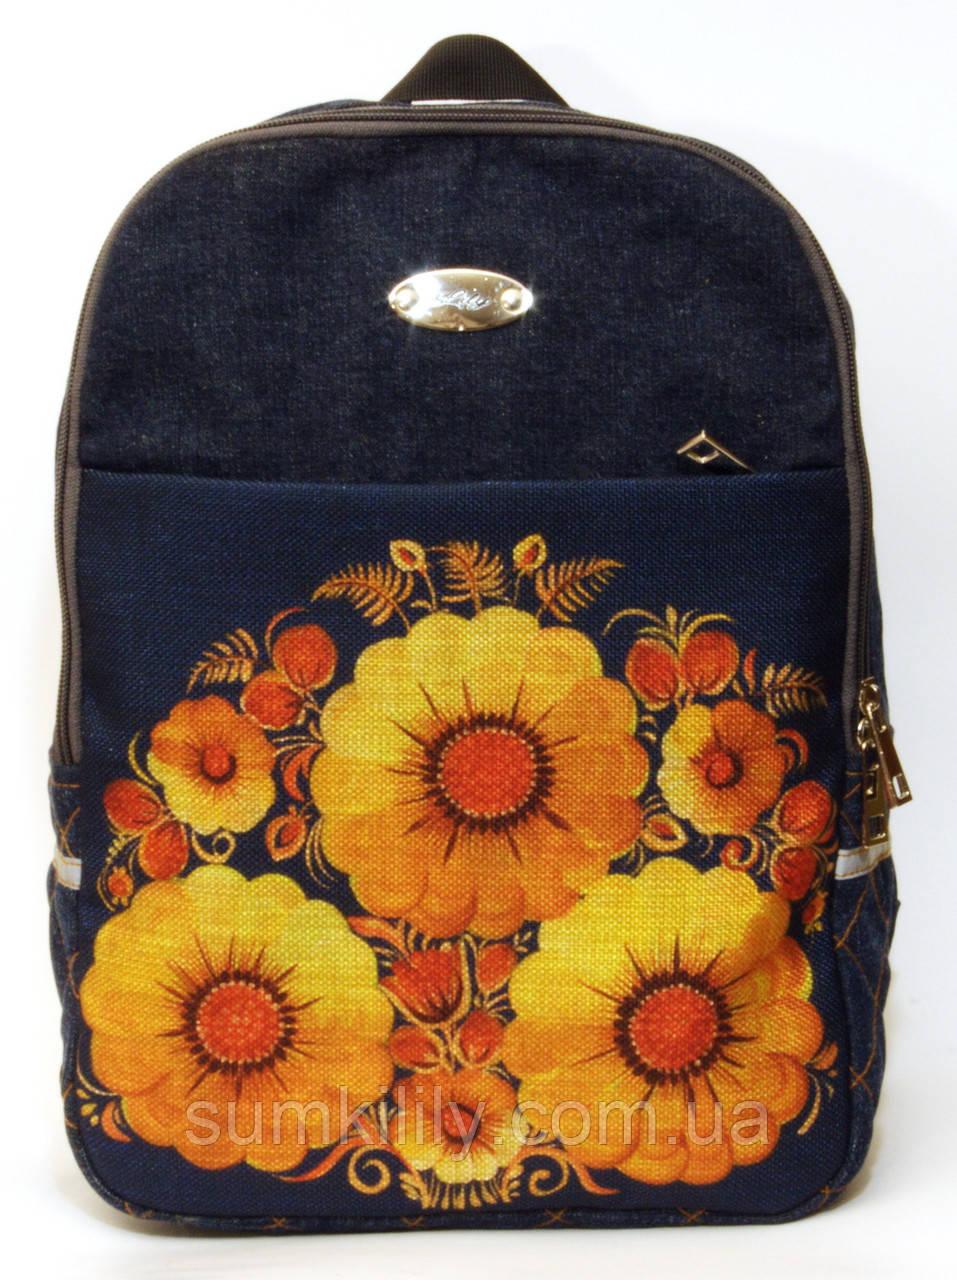 Джинсовый рюкзак желтые цветы на синем